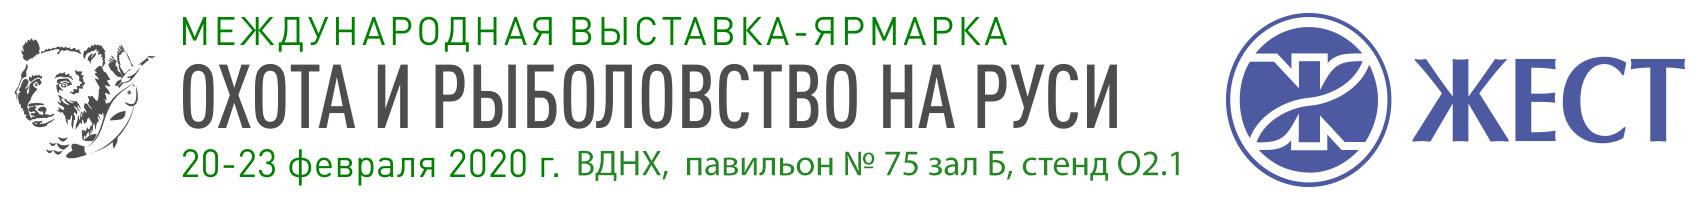 Баннер Выставка 2020